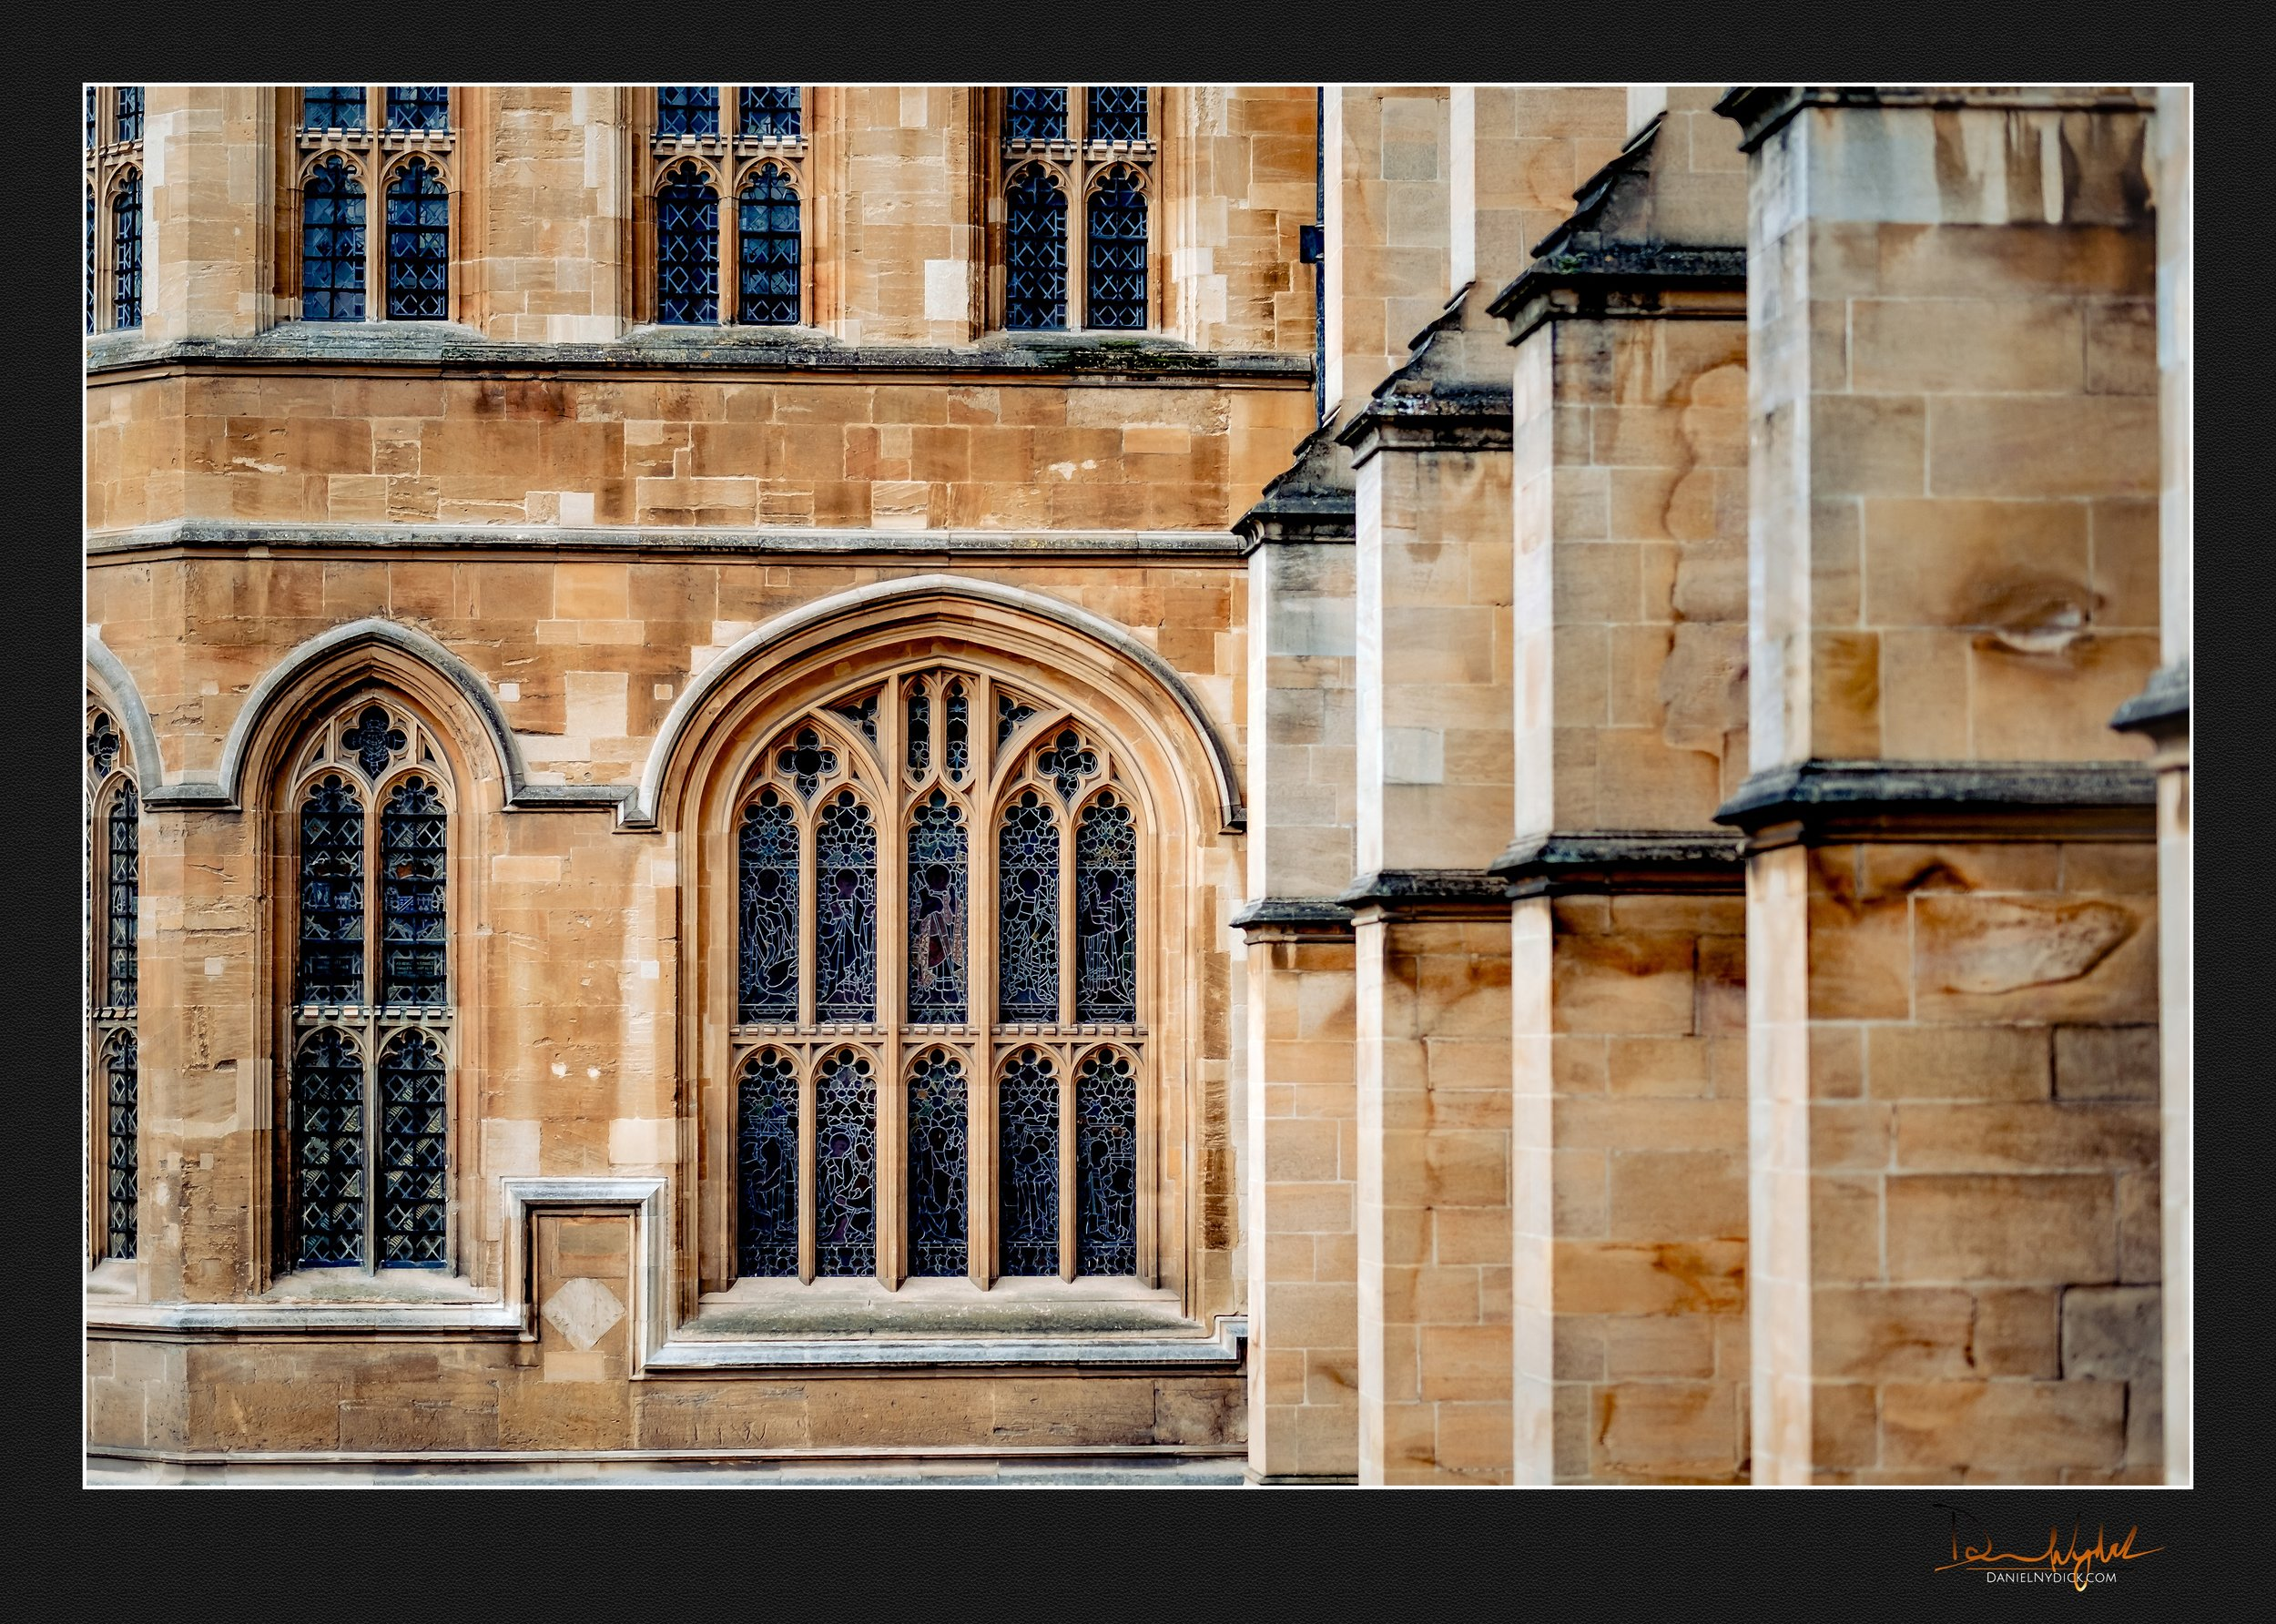 windsor castle architecture, window